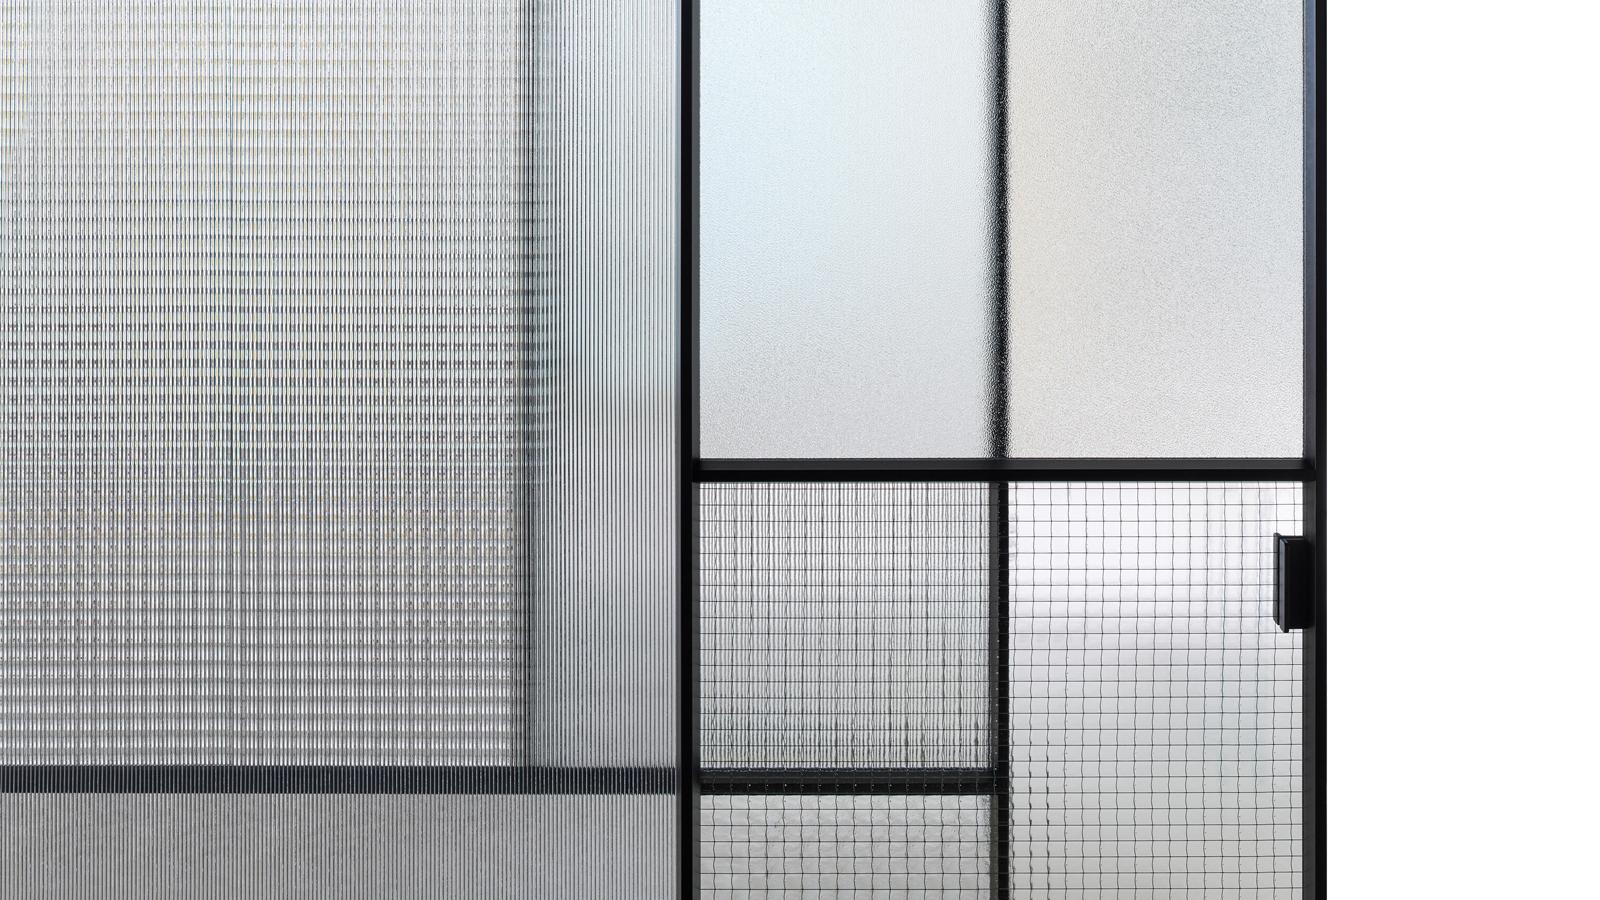 A GlasItalia bebizonyította, hogy a patchwork nemcsak textileken, hanem egy lenyűgöző ajtópanelben is remekül mutat. A Sherezade négy, egymástól eltérő üvegfelületből tevődik össze, és monokróm, valamint színes verziója is kapható. Játékos, sejtelmes hangulatot teremt az enteriőrben, és megfogható festménnyé varázsolja a teret, amely előtt helyet foglal.